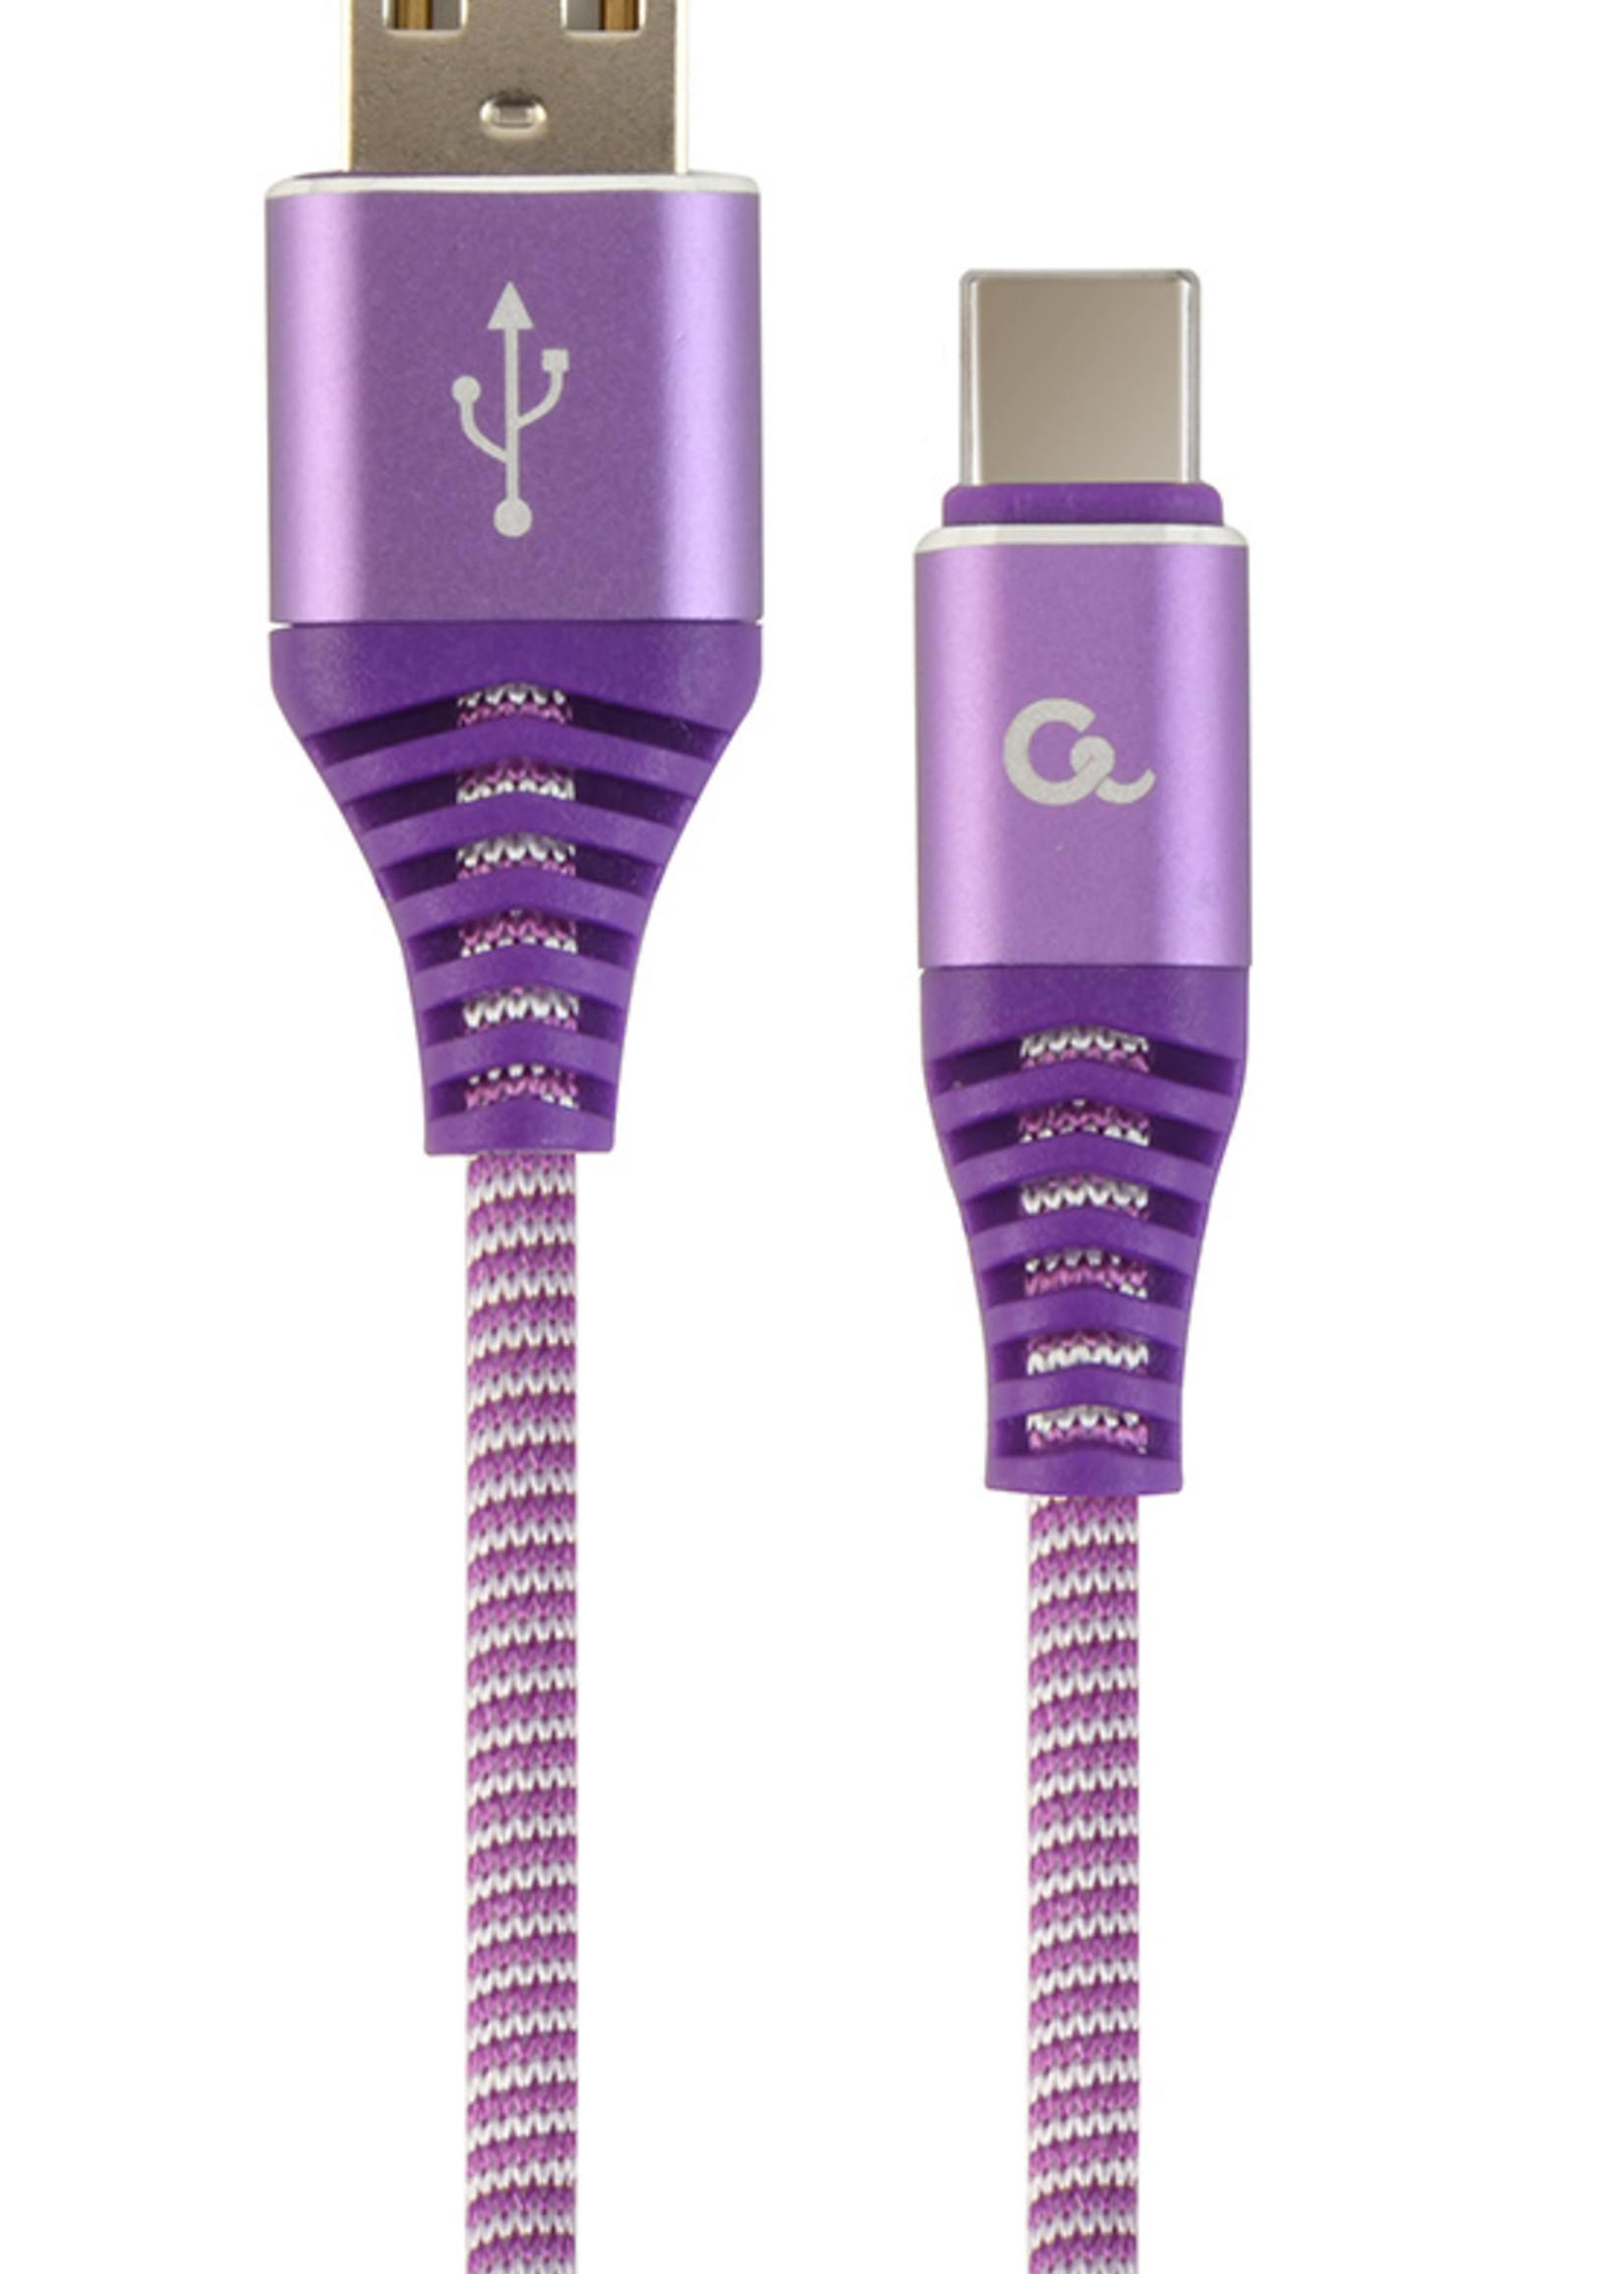 CableXpert Premium USB Type-C laad- & datakabel 'katoen', 1 m, paars/wit